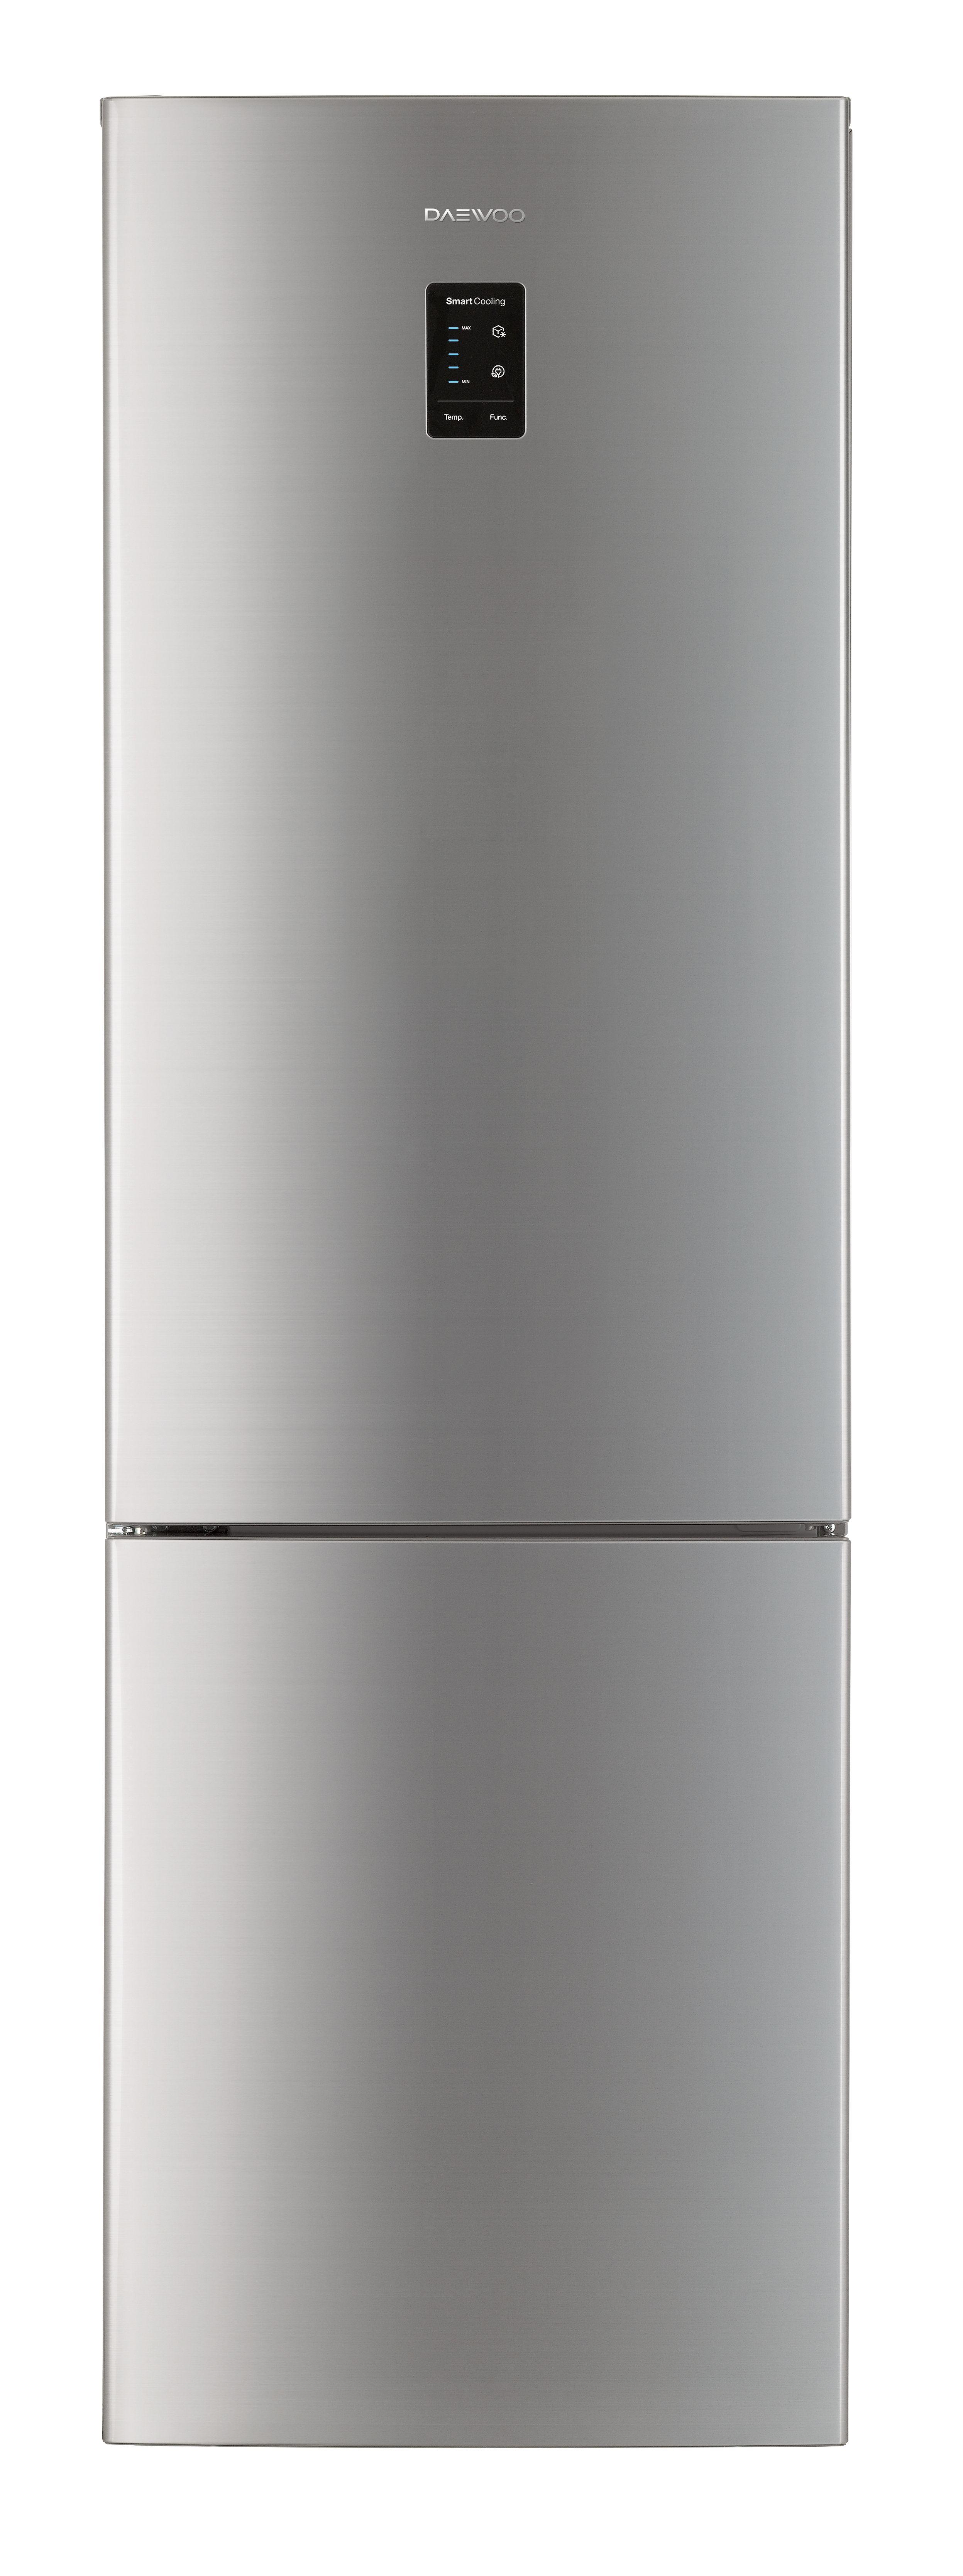 Инструкция холодильник daewoo